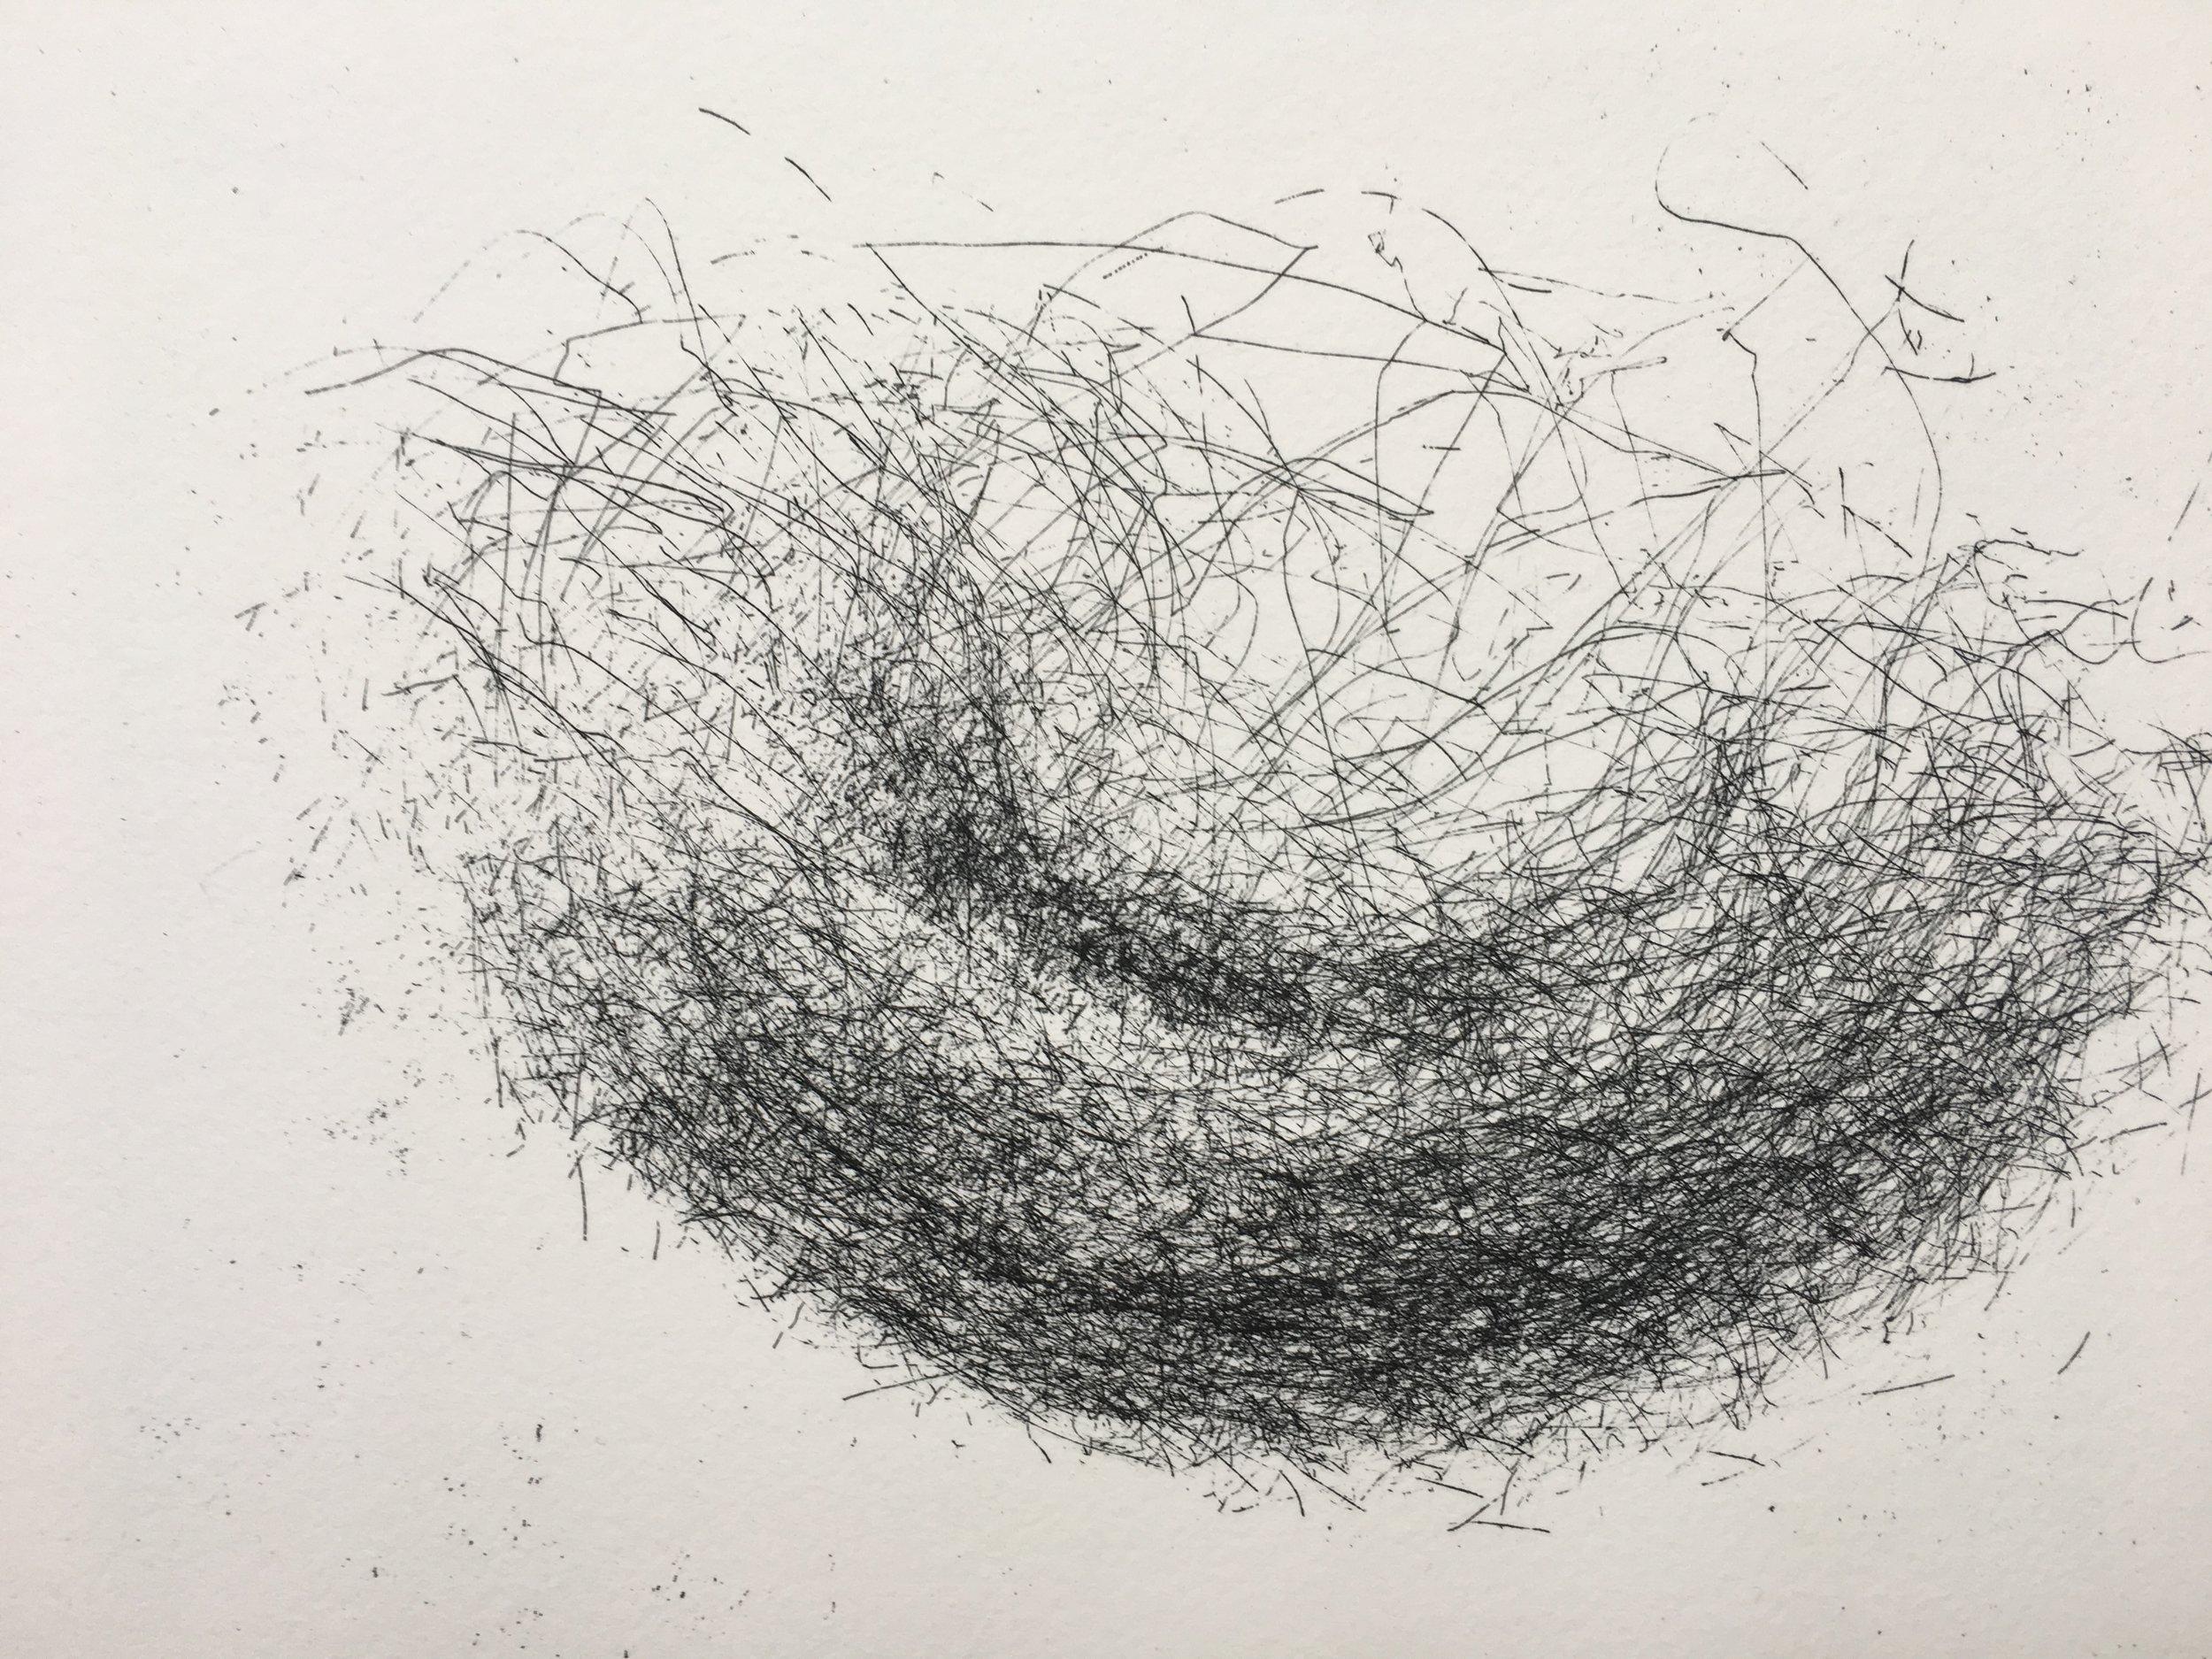 Geraldine van Heemstra - Skye Sequence I # 1, 2018, Hardground etching, 19 x 29 cm (detail).jpg